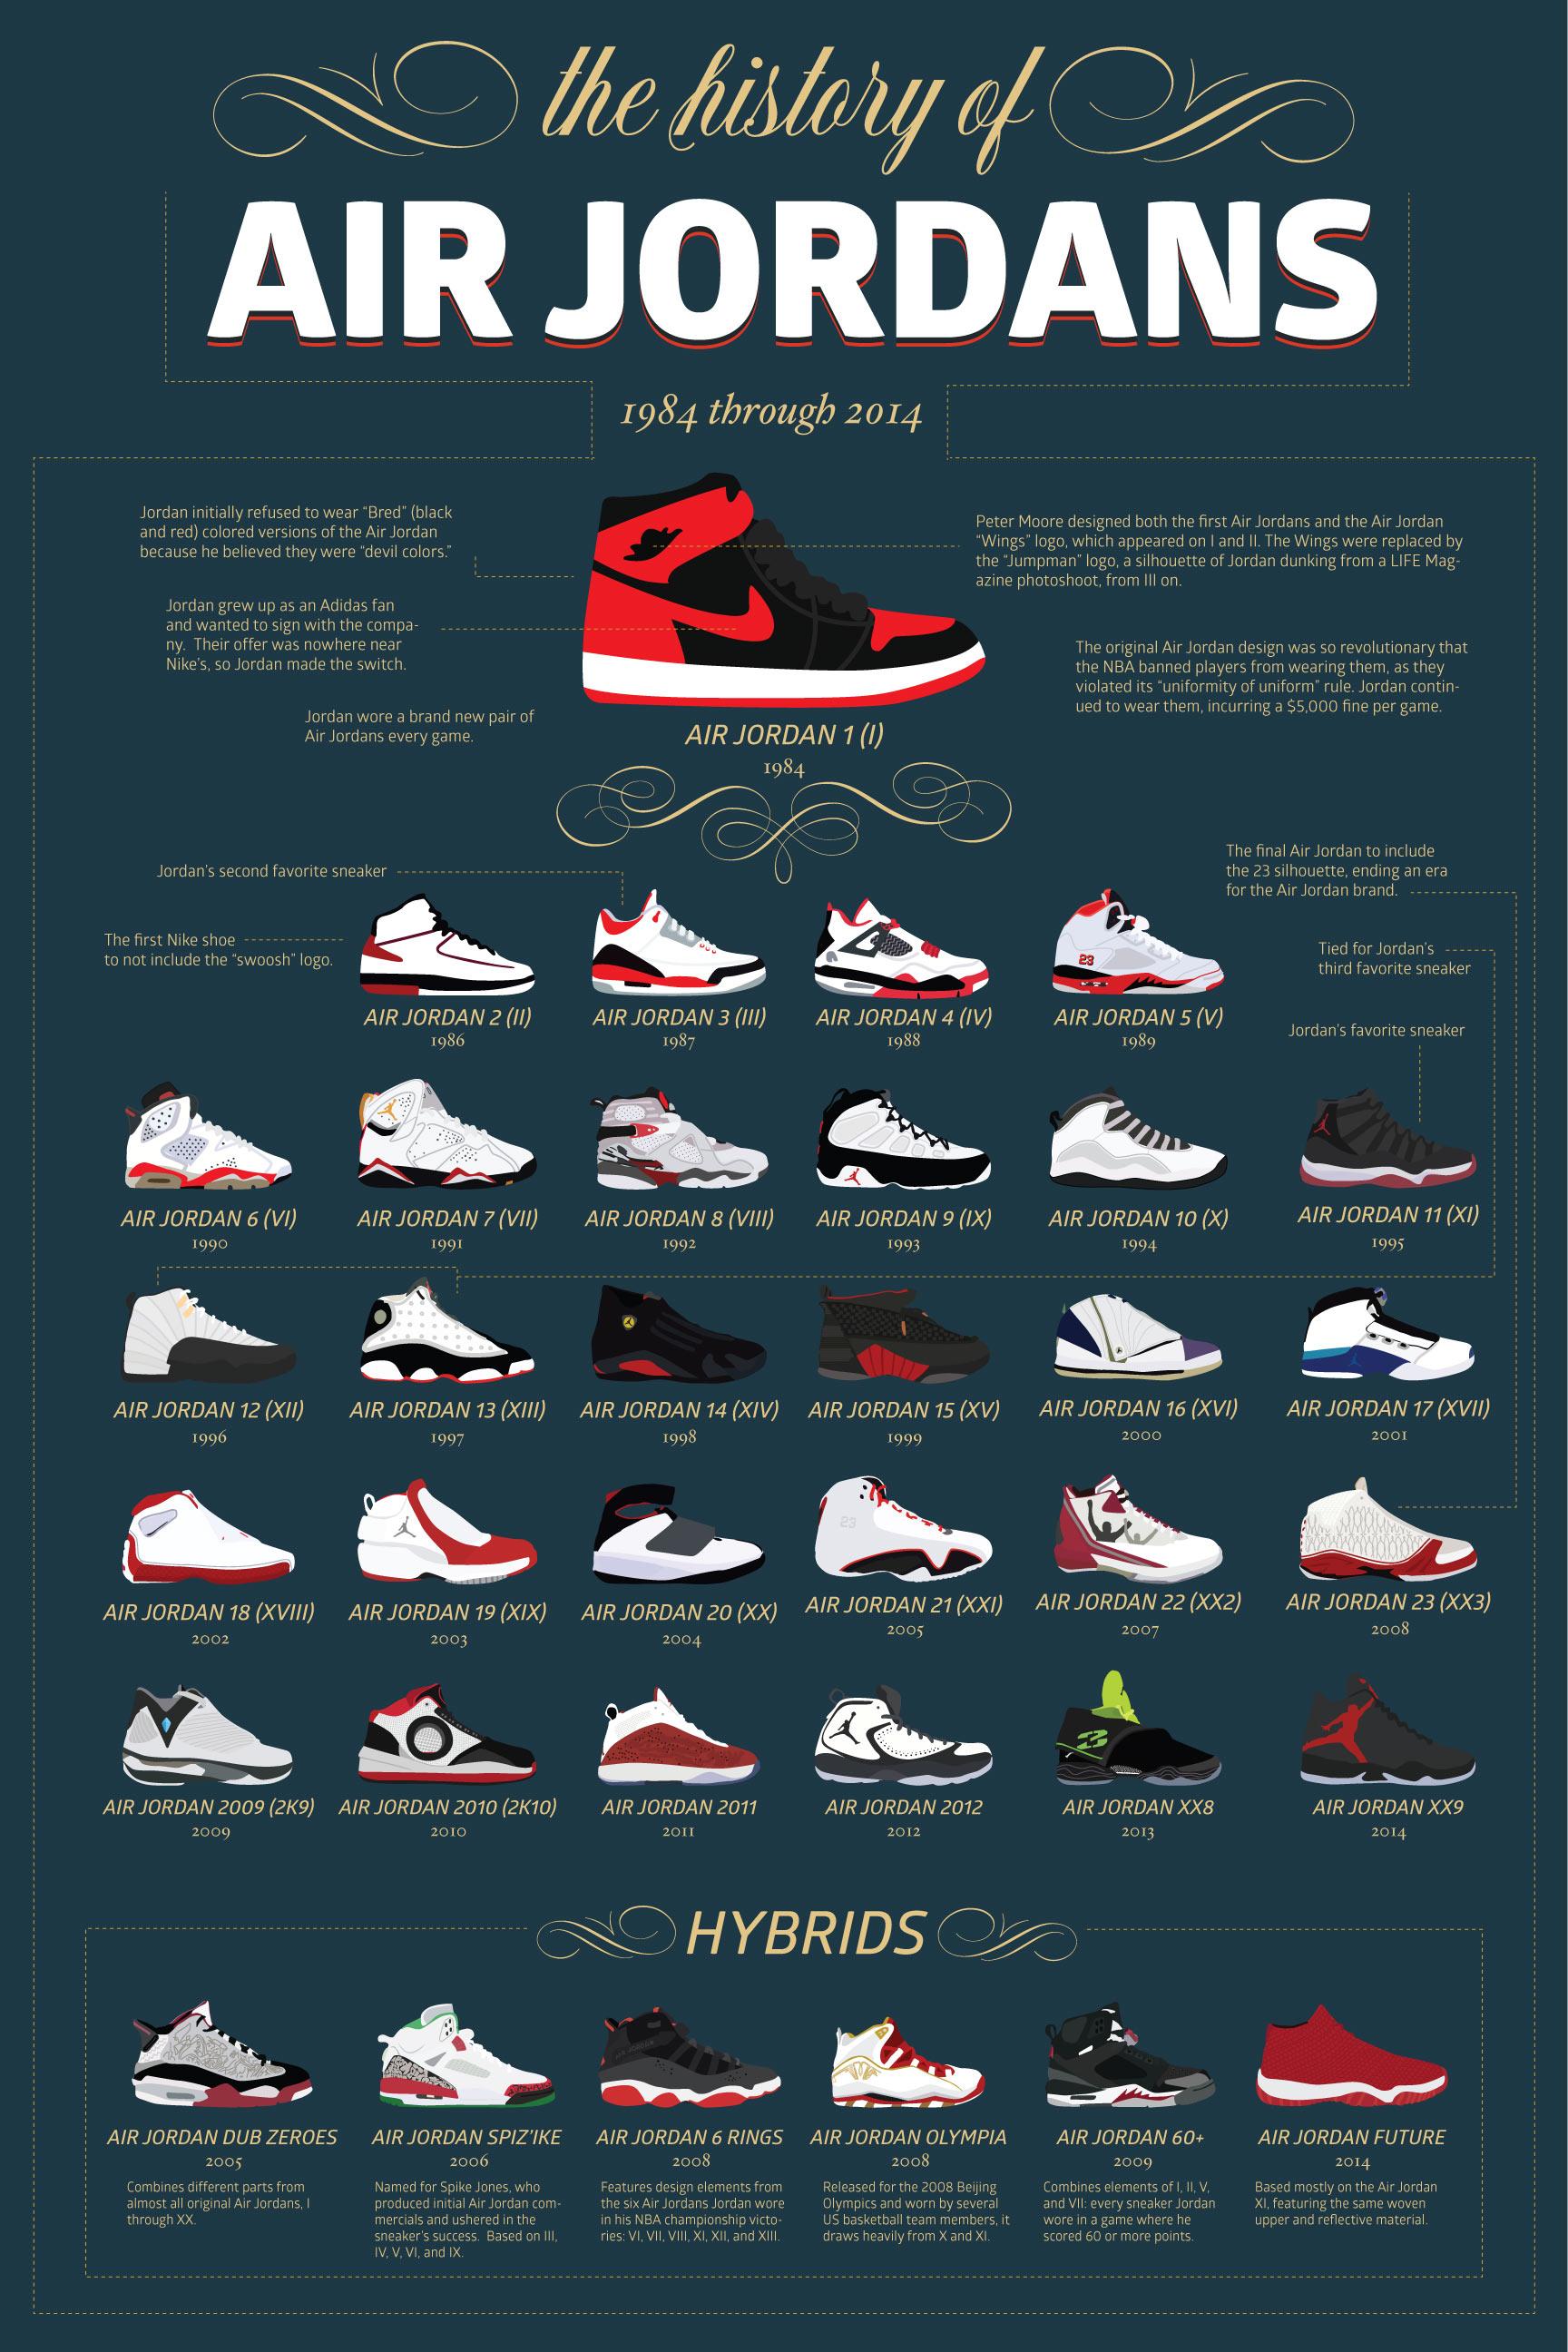 History of Air Jordan